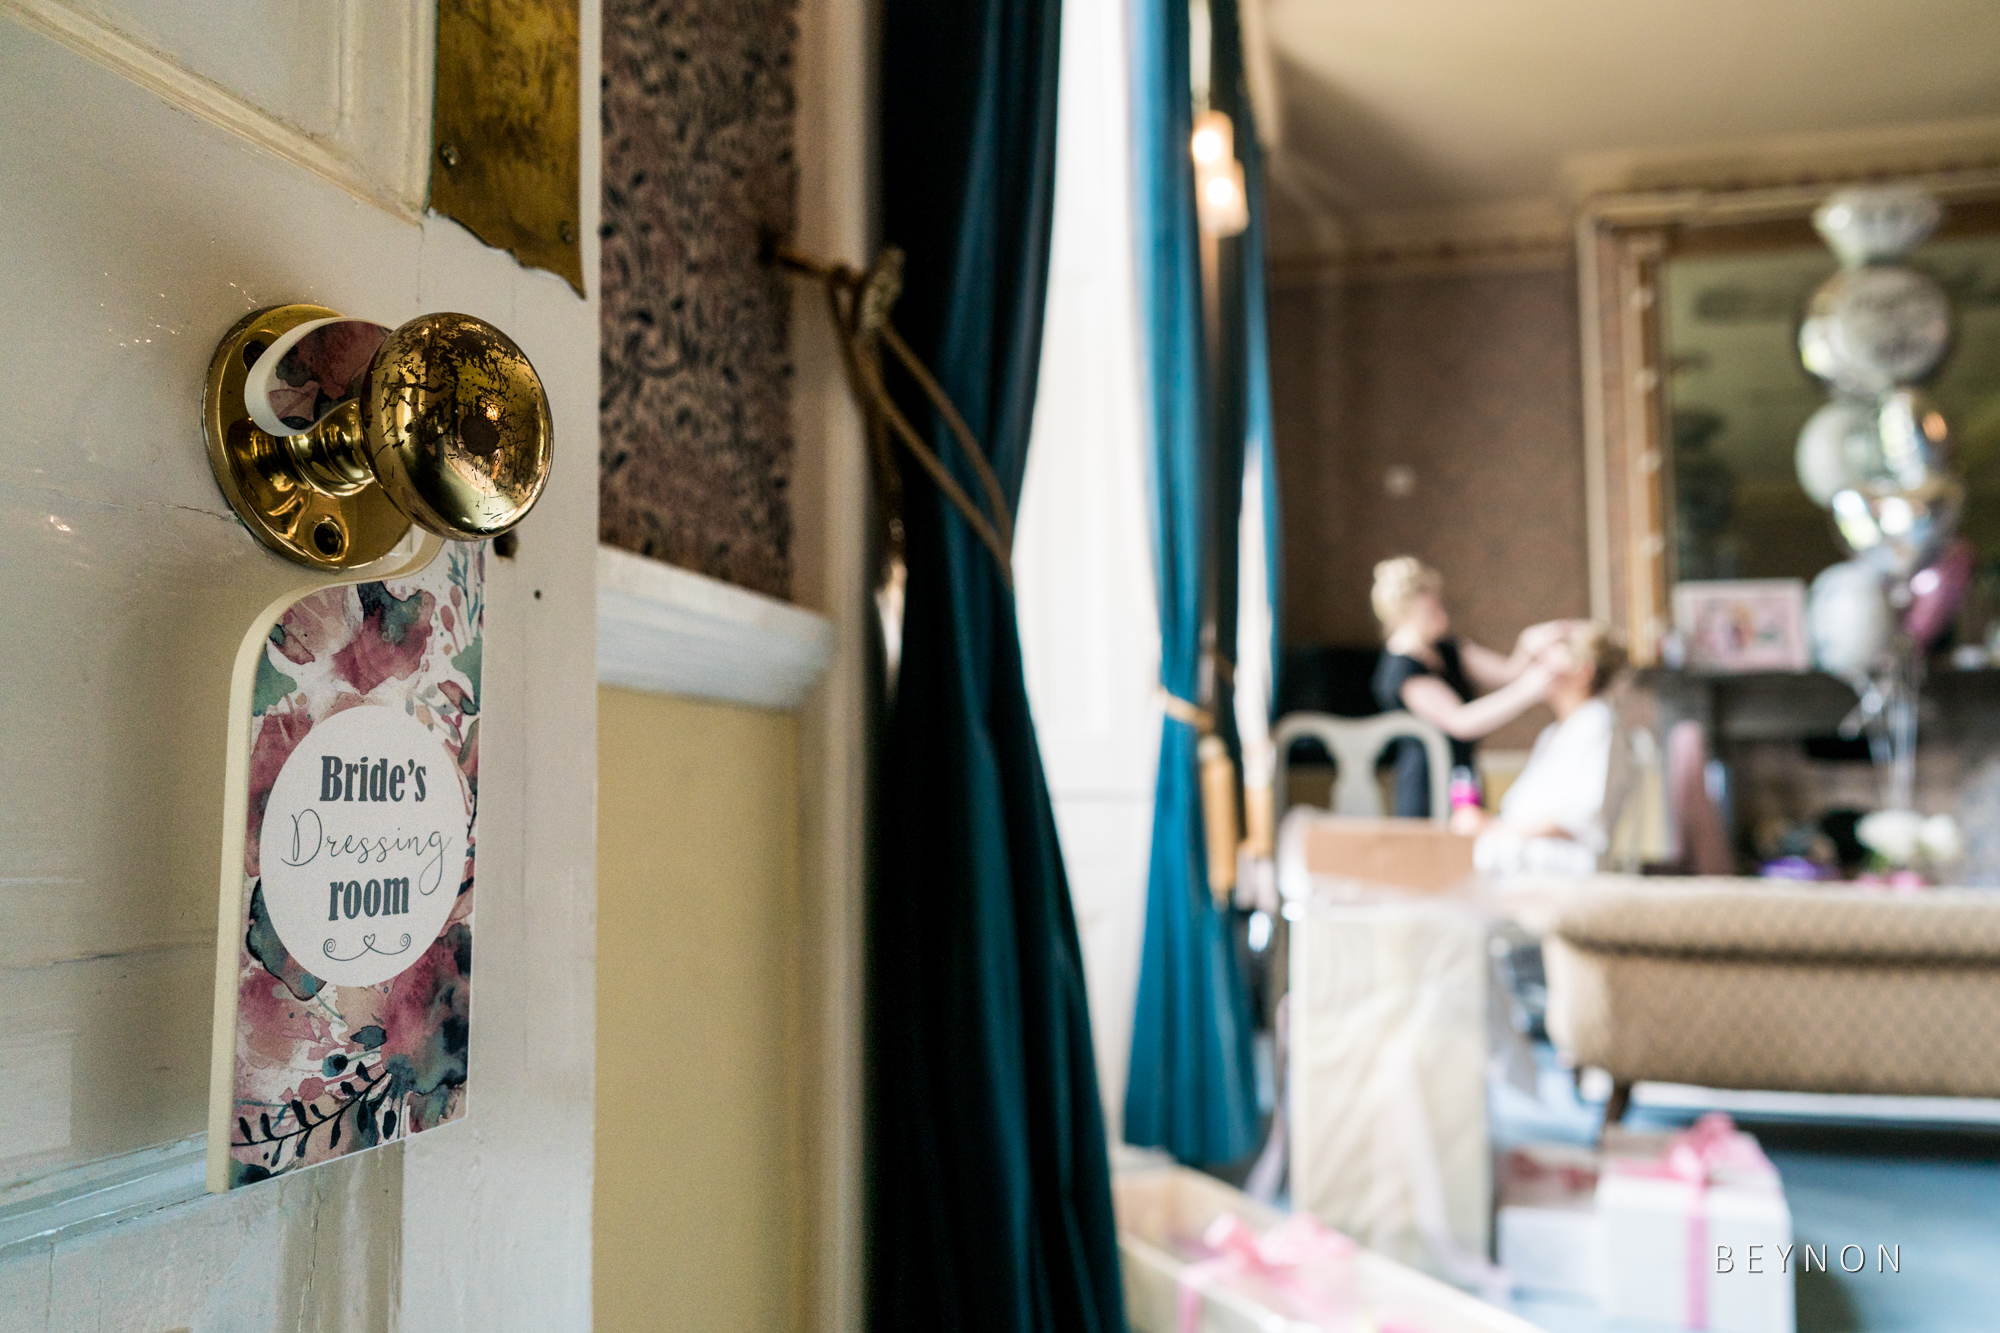 The bride prep room